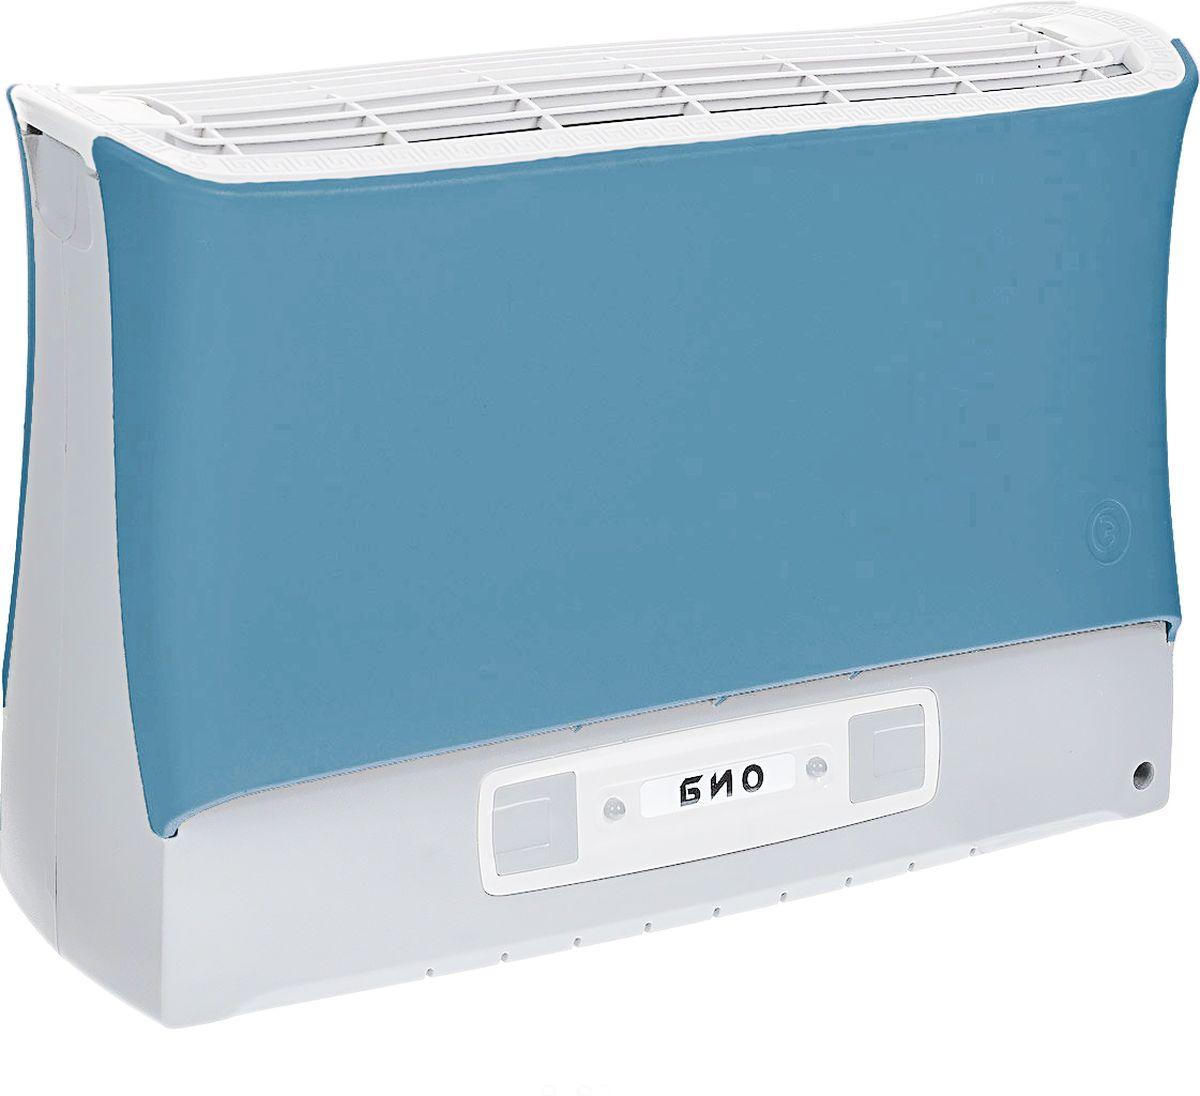 Очиститель-ионизатор воздуха Супер-плюс-Био синий очиститель воздуха какой лучше